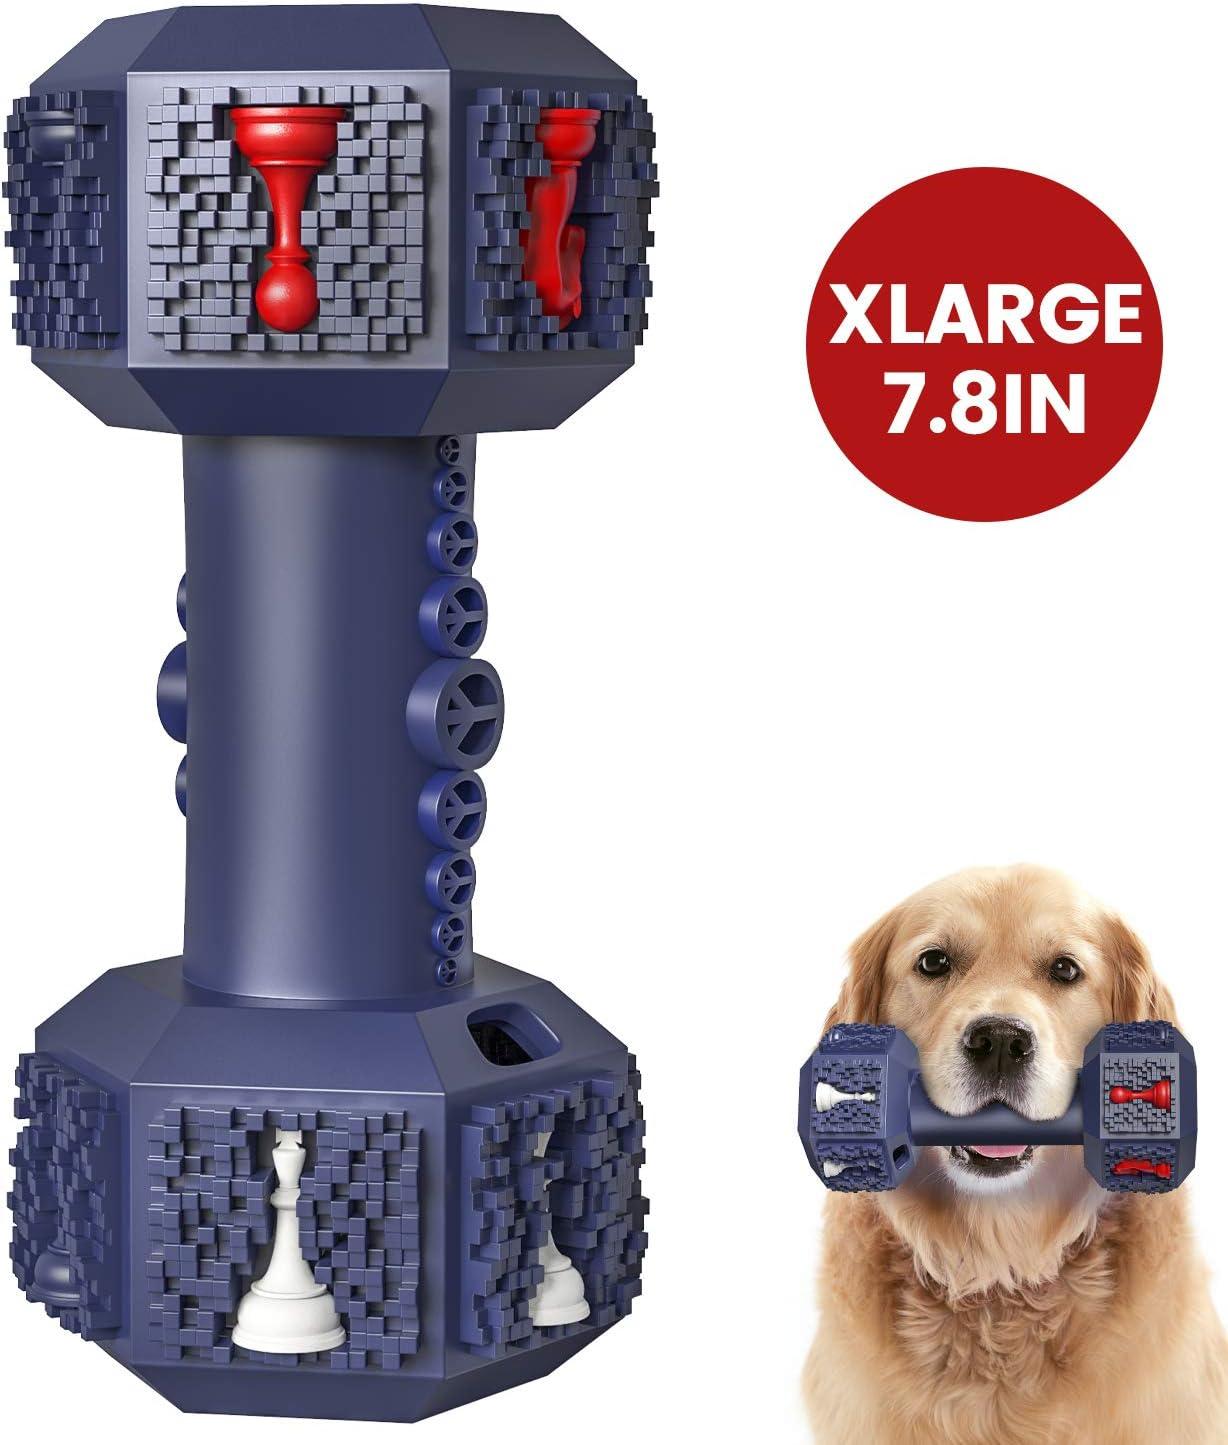 IOKHEIRA Juguete para masticar para perros agresivos, indestructibles, juguetes para perros, no tóxicos, resistentes, de goma natural, para perros medianos y grandes